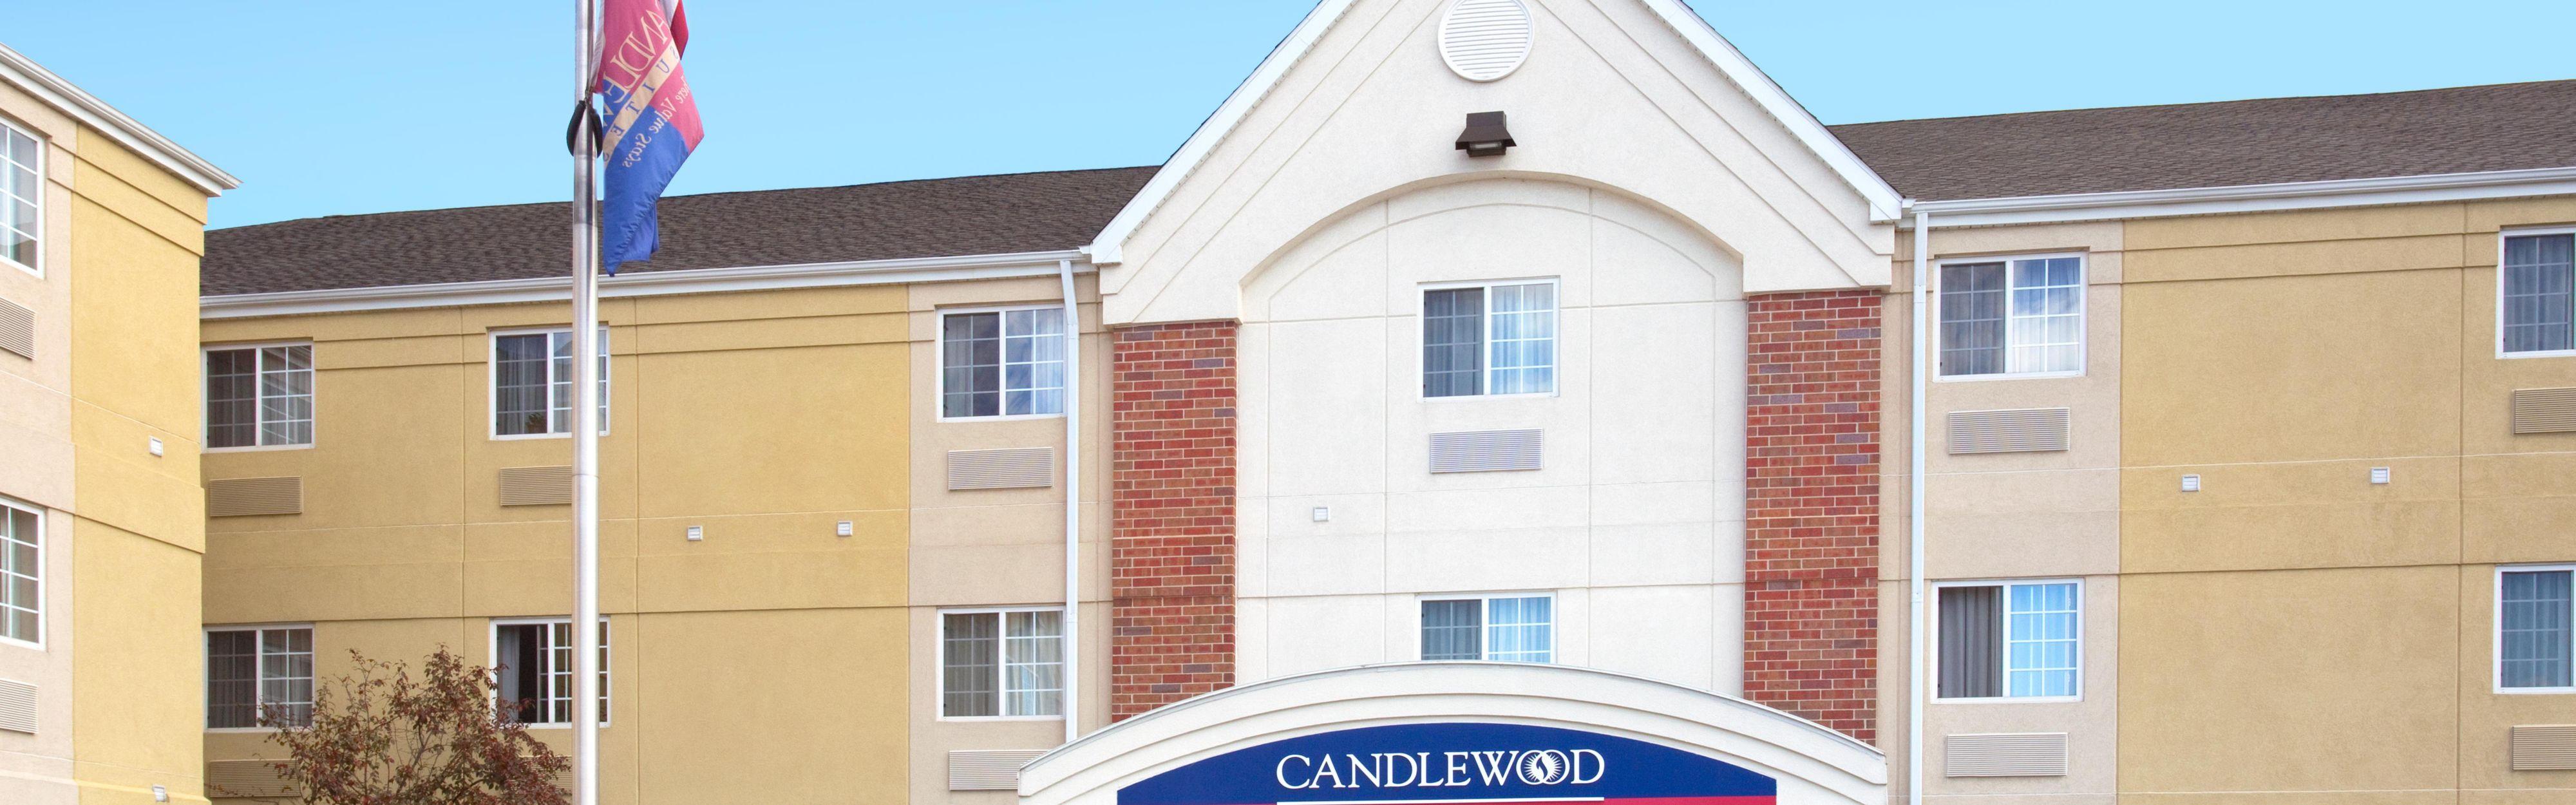 Candlewood Suites Kenosha image 0